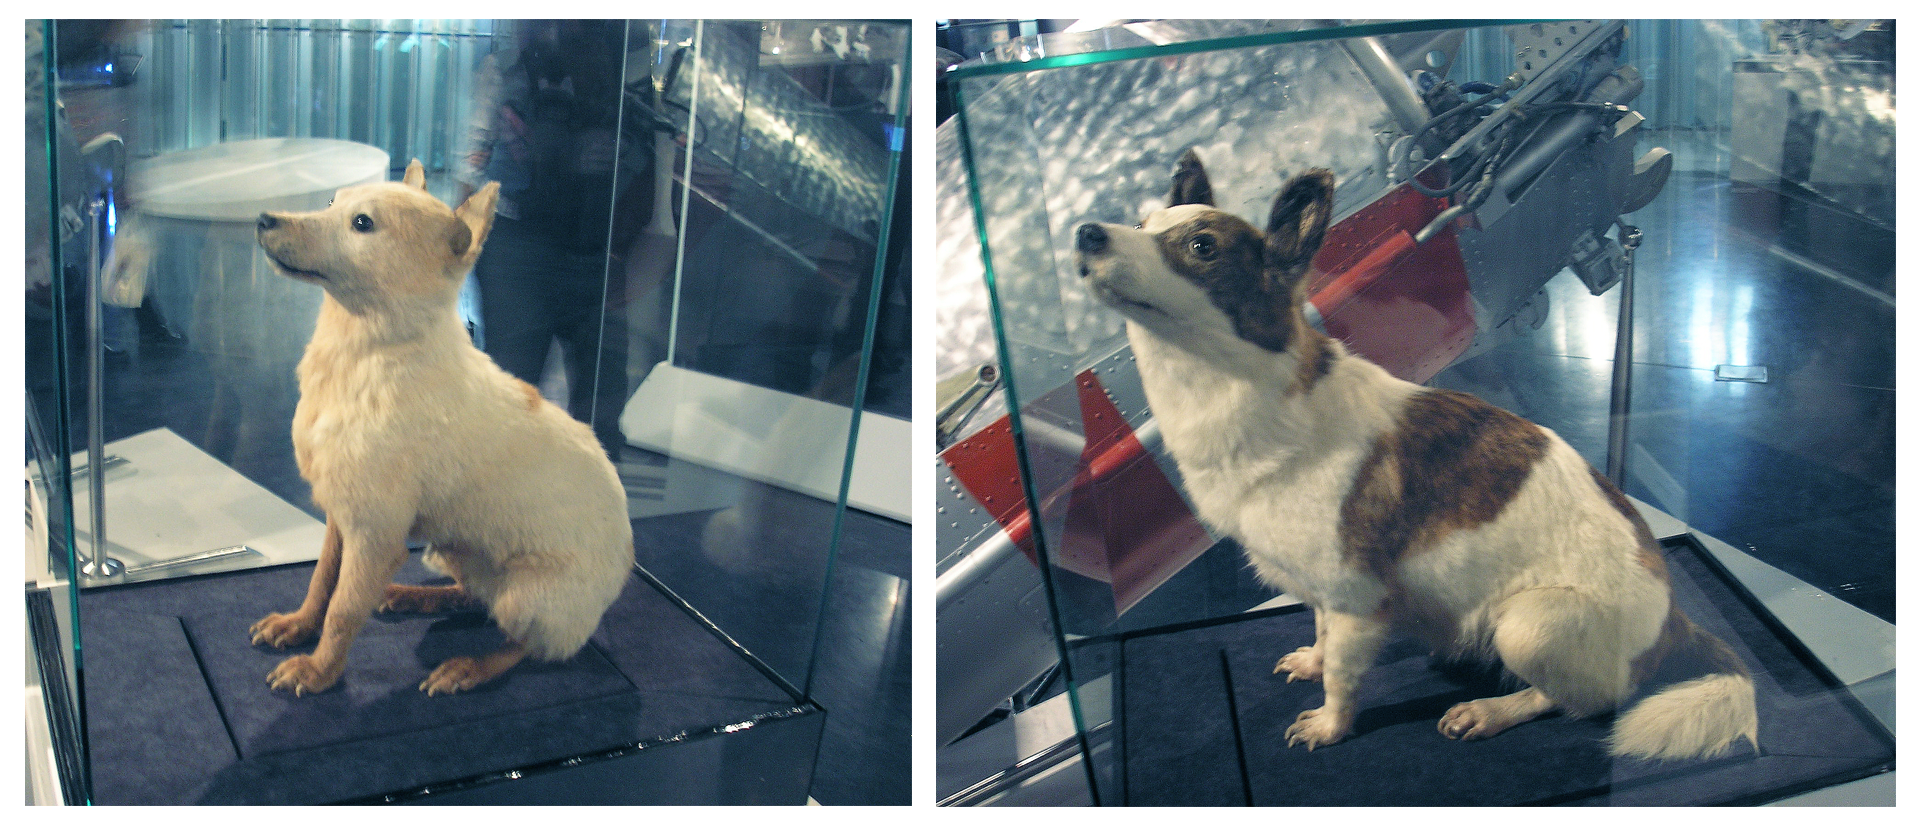 Fotografie przdstawiają niewielkie wypchane psy umieszczone wszklanych gablotach. Psy są niwelekjie. Biełka jest biała, aStriełka biała wczarnr łaty.